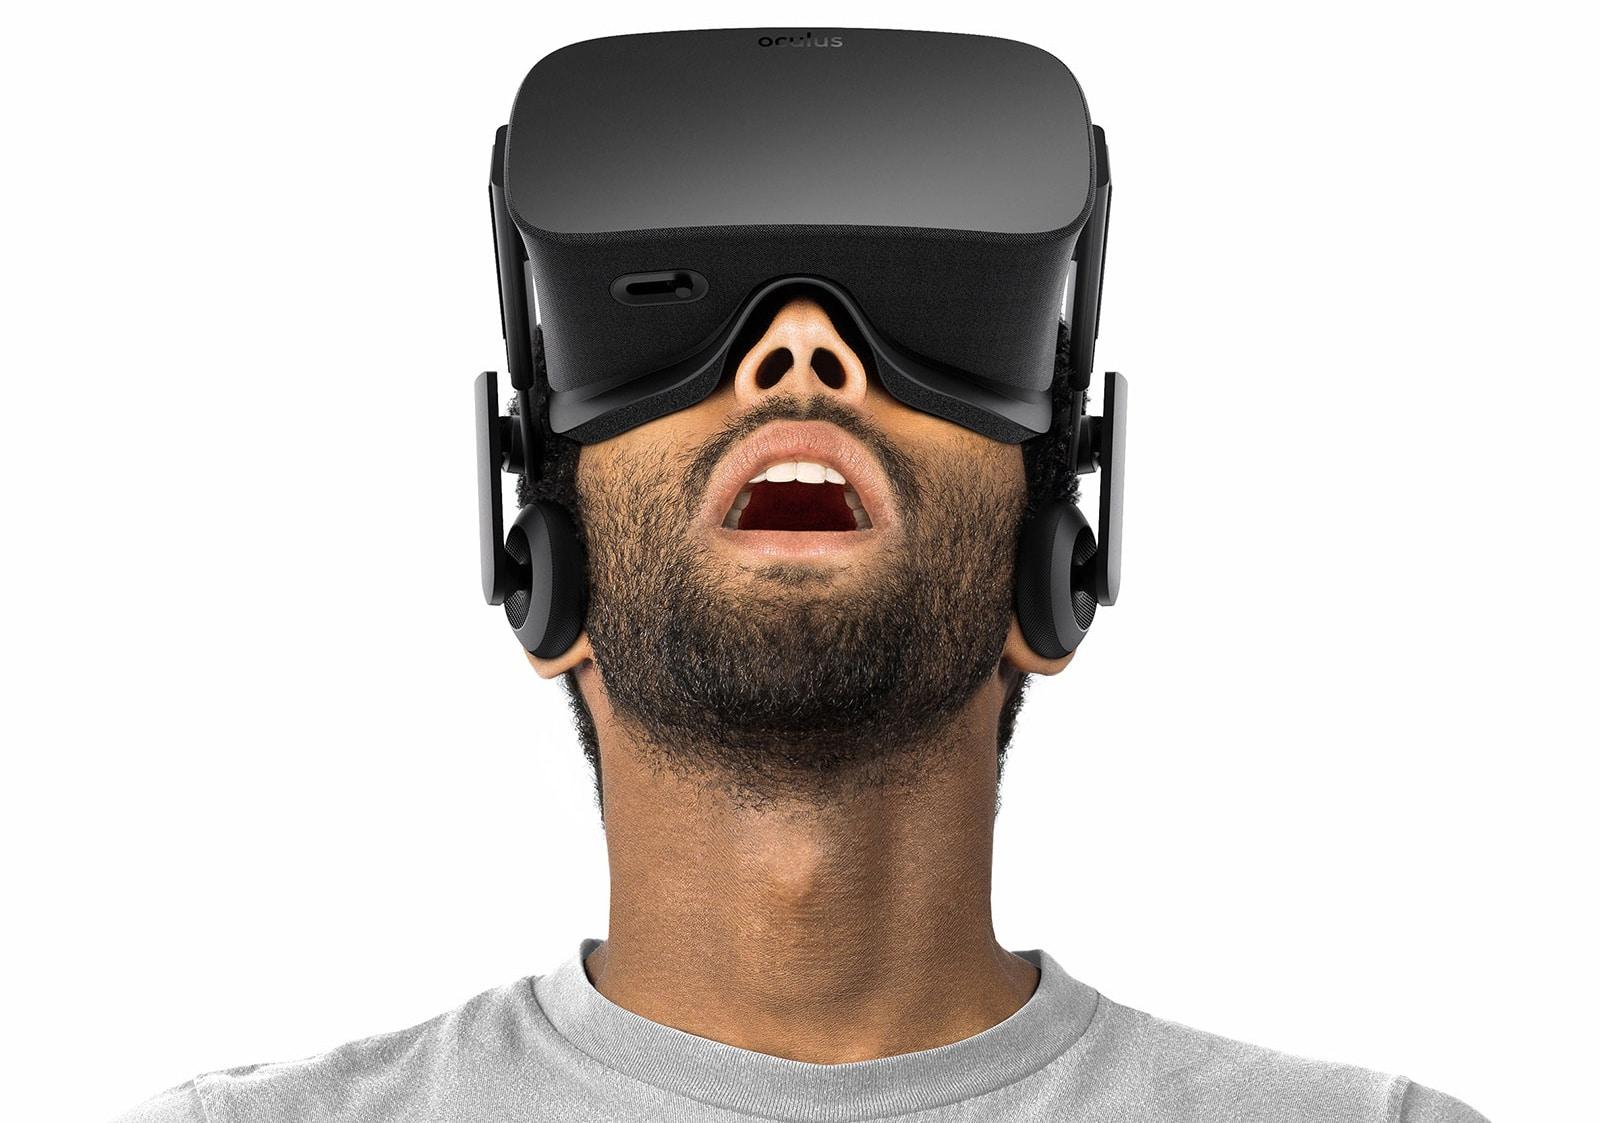 Staunen und so. Aber der Preis.... (Foto: Oculus VR)